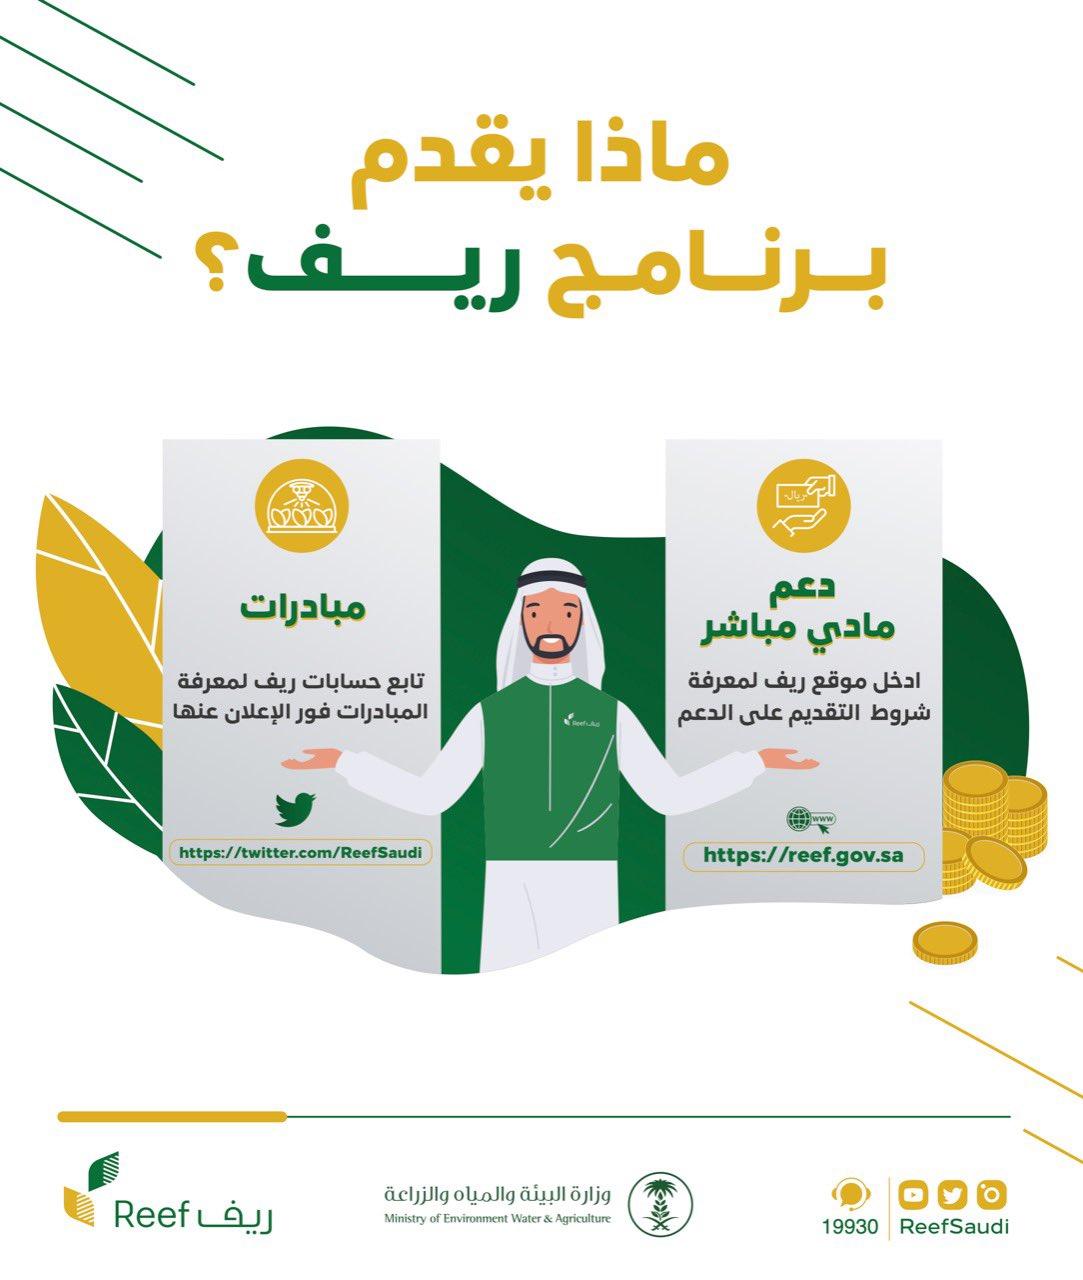 دعم المنتجات الزراعية